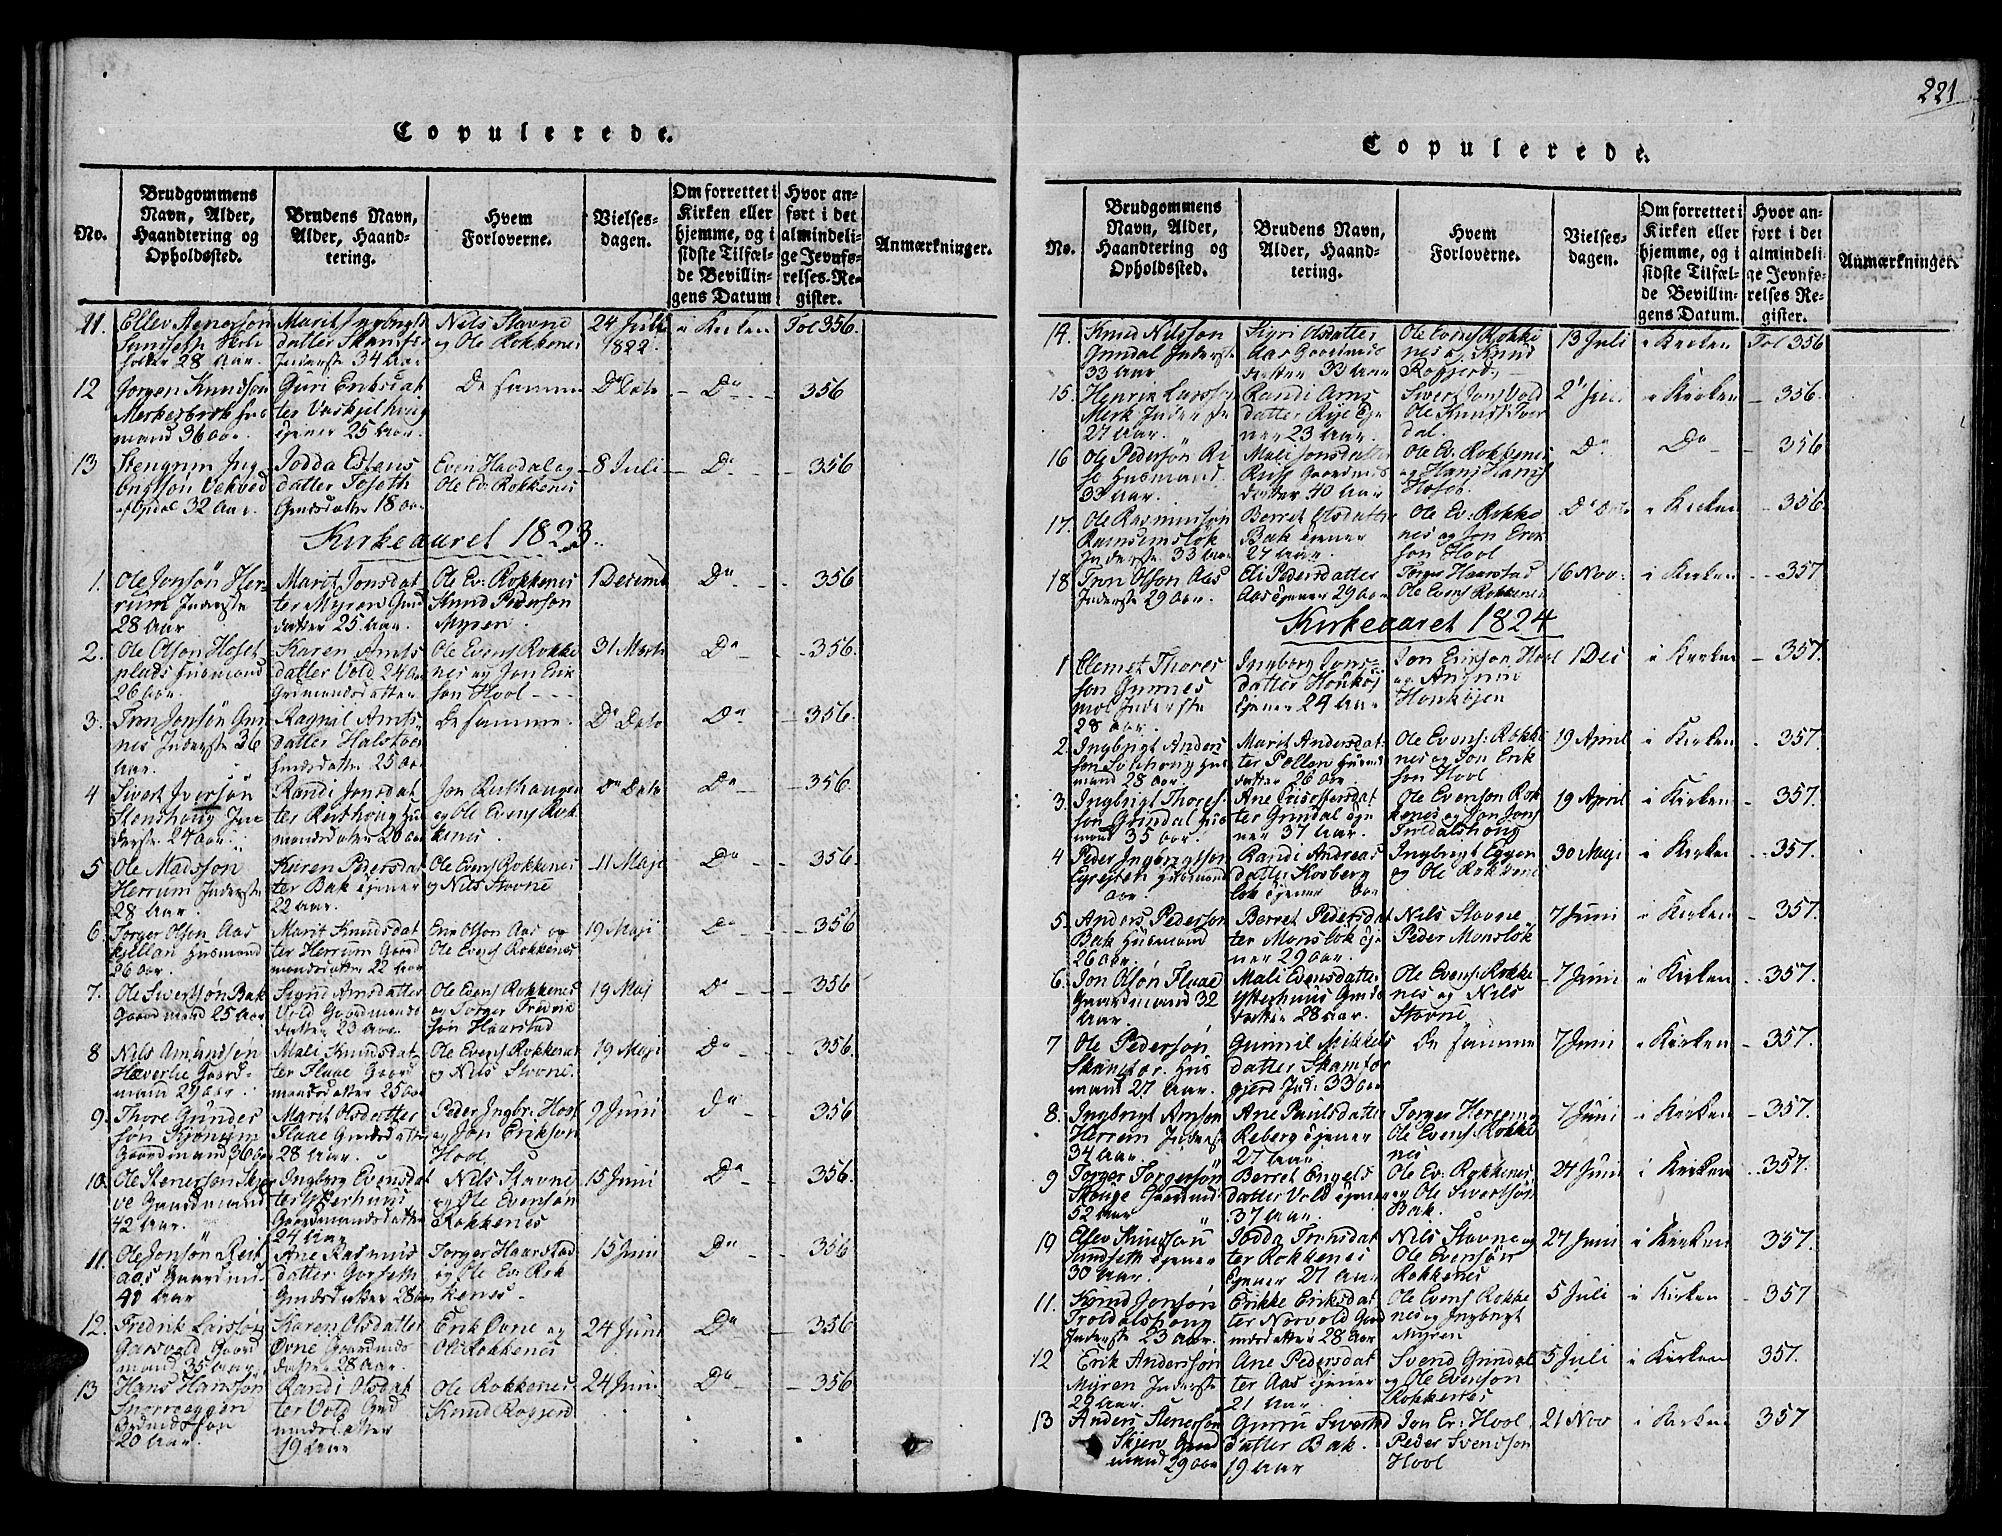 SAT, Ministerialprotokoller, klokkerbøker og fødselsregistre - Sør-Trøndelag, 672/L0854: Ministerialbok nr. 672A06 /2, 1816-1829, s. 221